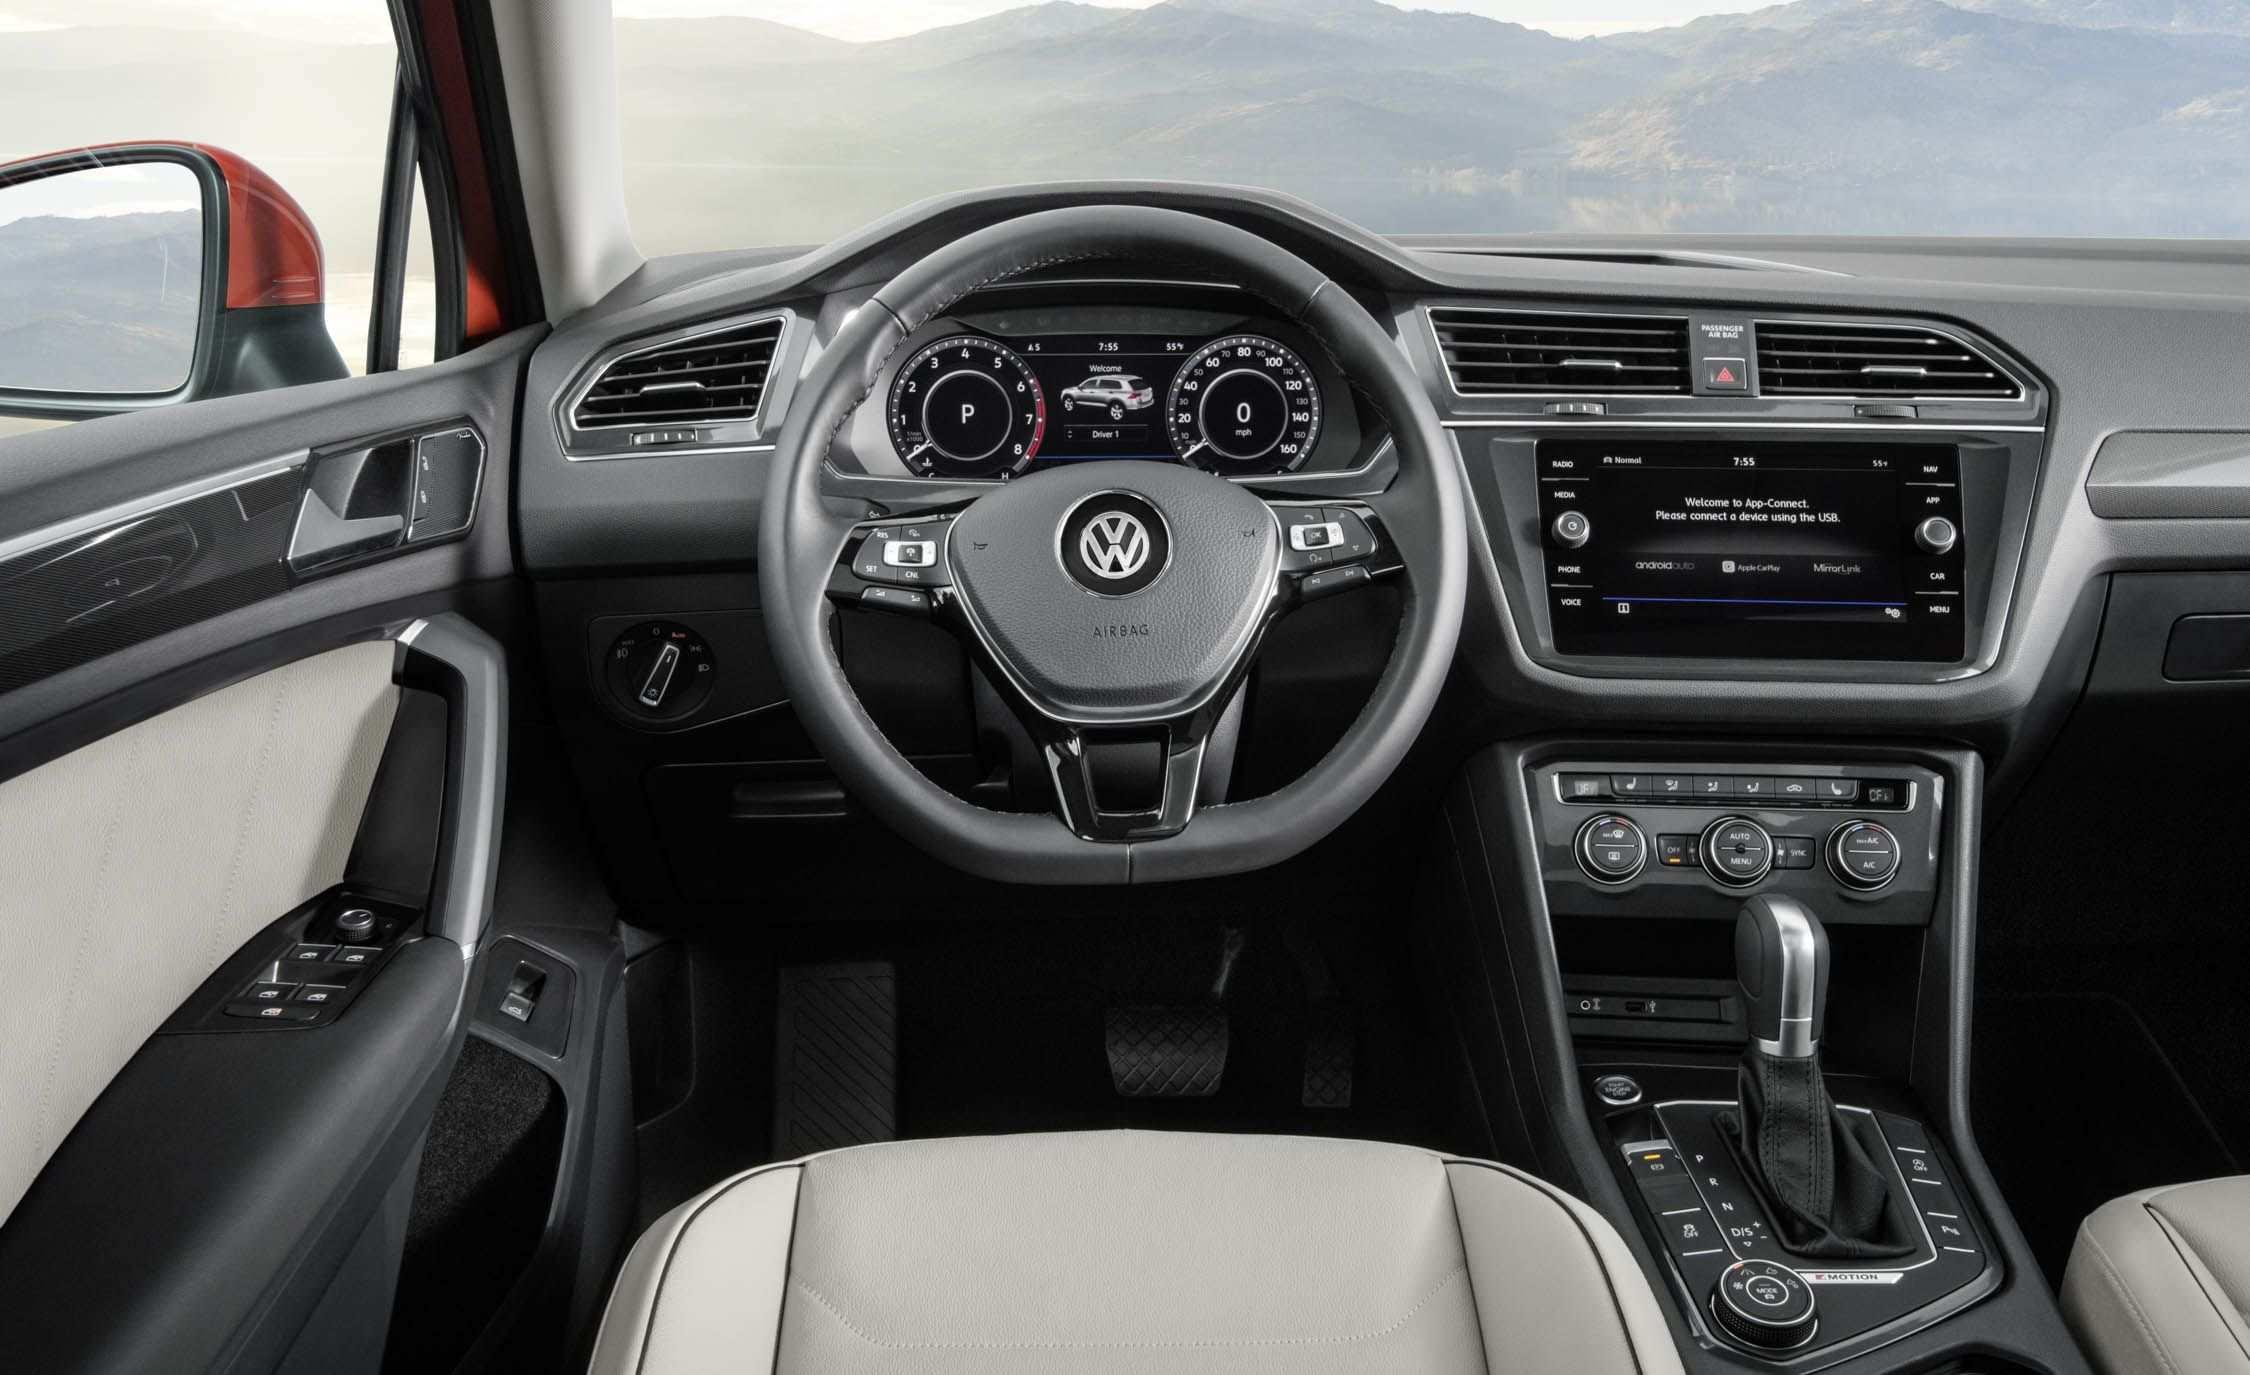 93 All New Best Volkswagen Tiguan 2019 Review Concept Overview by Best Volkswagen Tiguan 2019 Review Concept